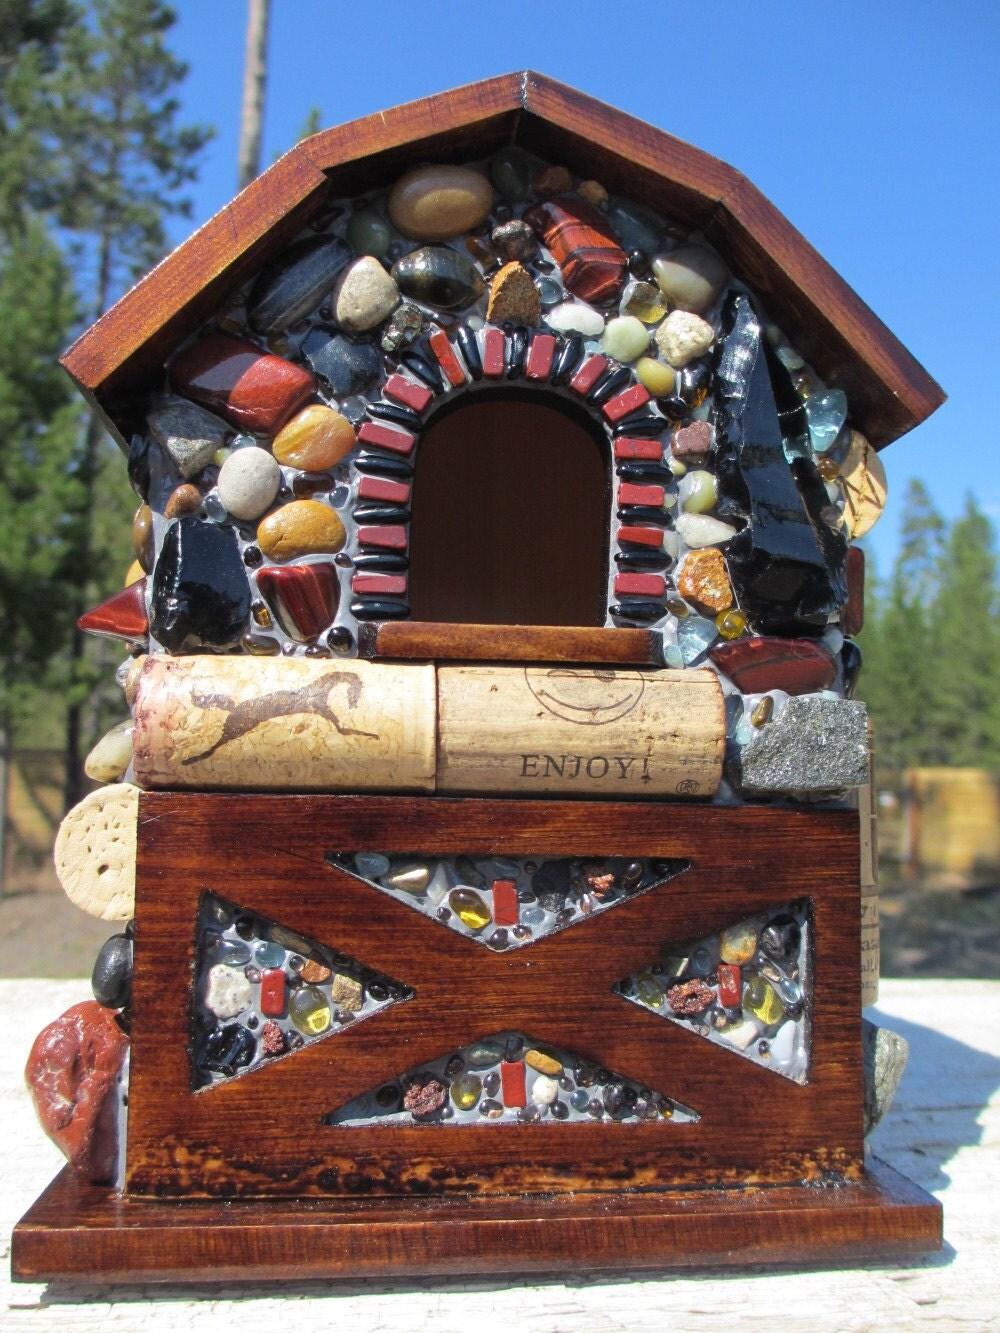 Obsidian Mosaic Birdhouse with an Arrowhead and Wine Corks